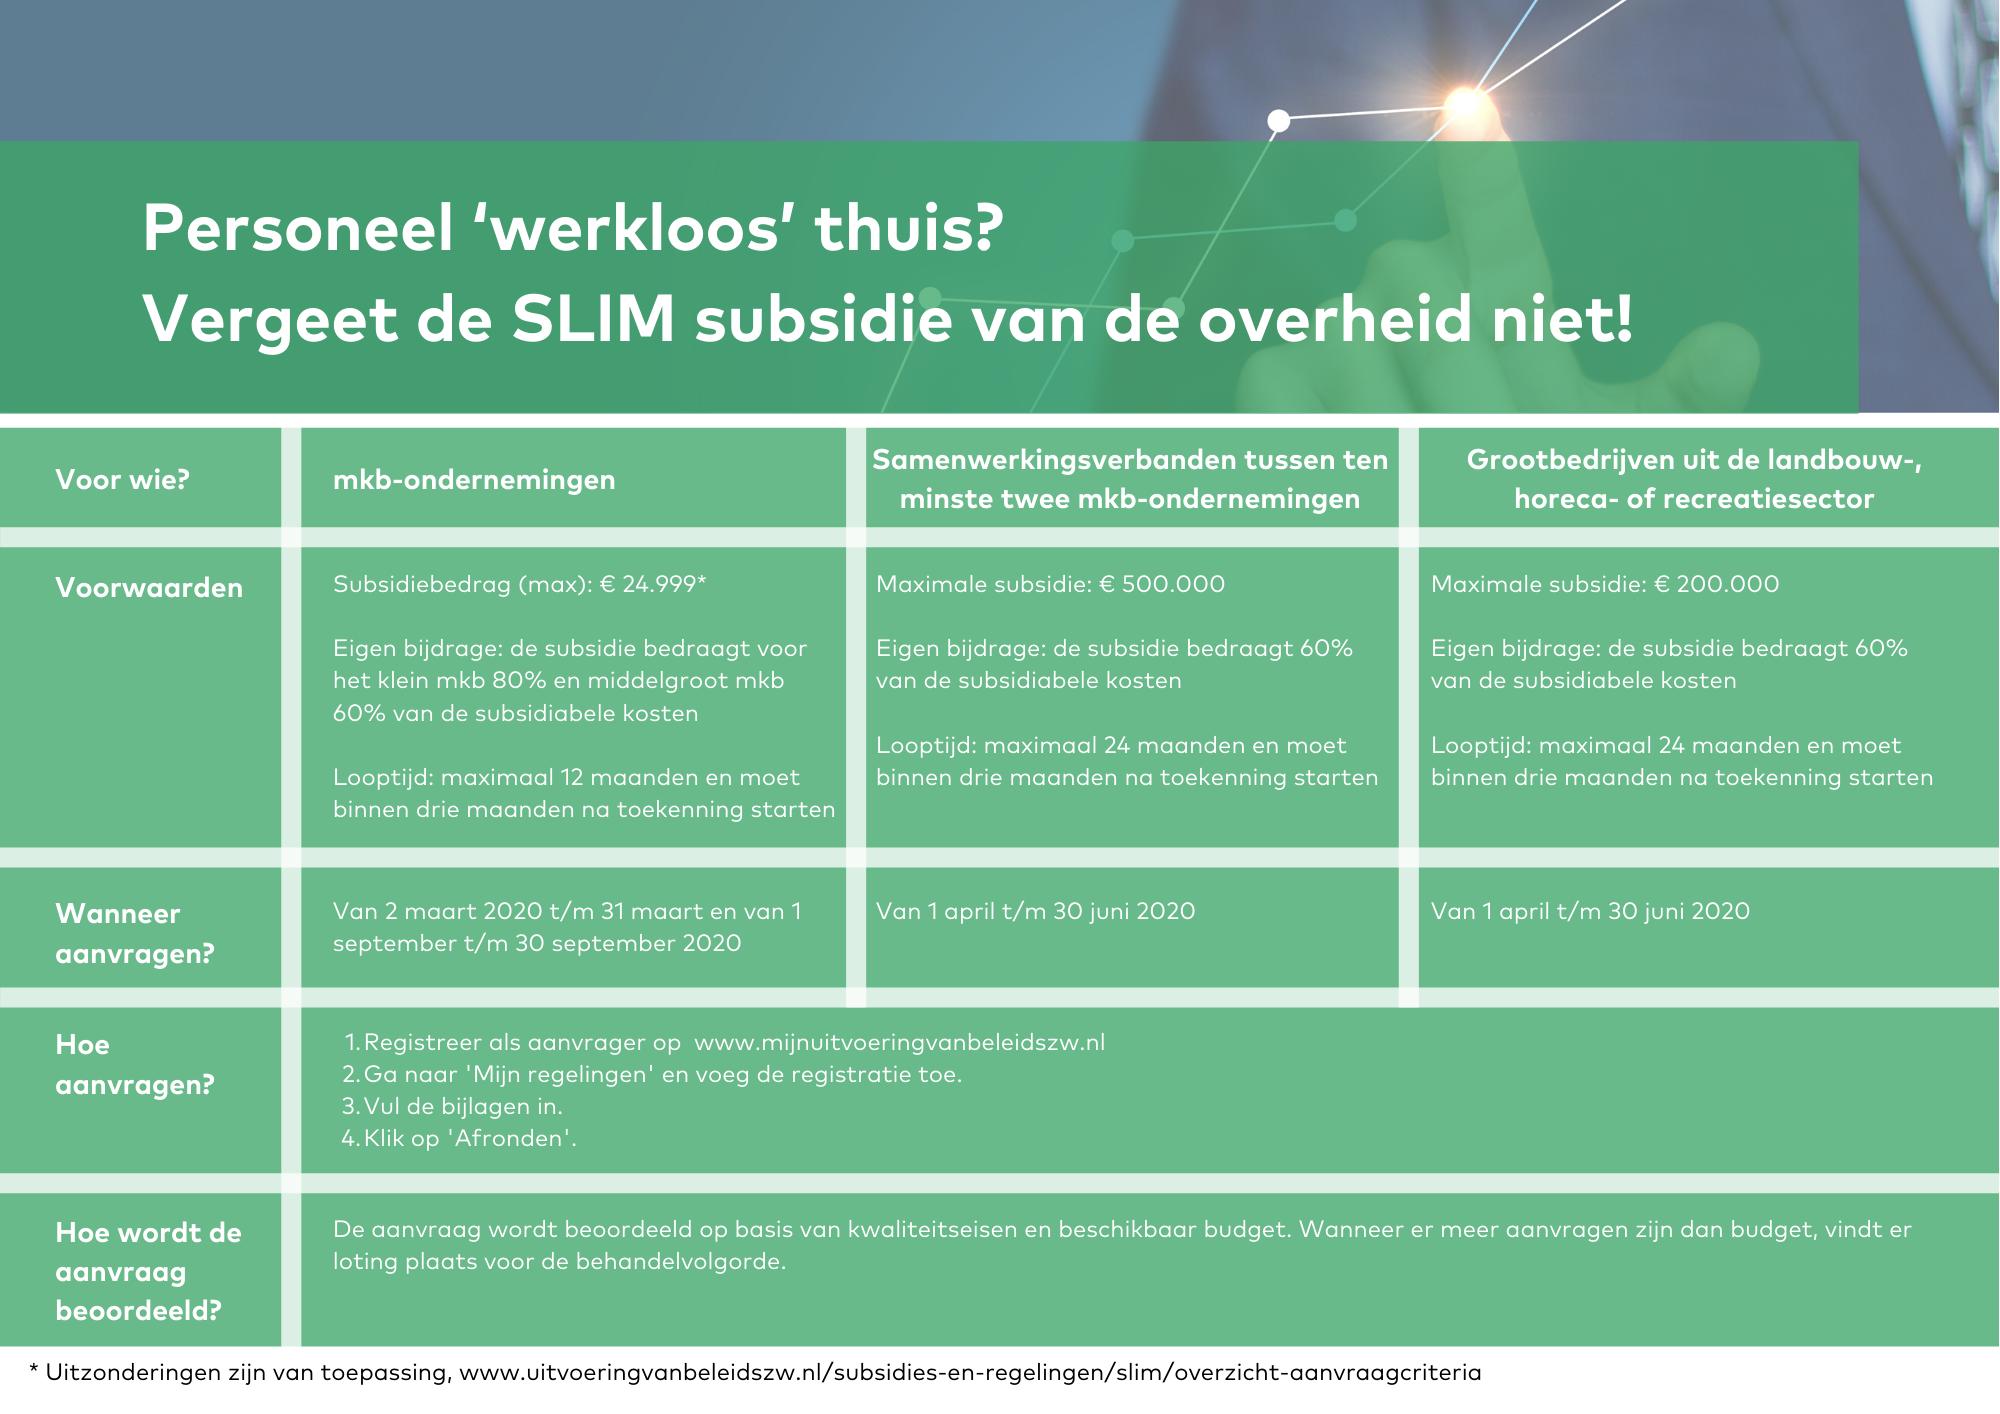 SLIM subsidie